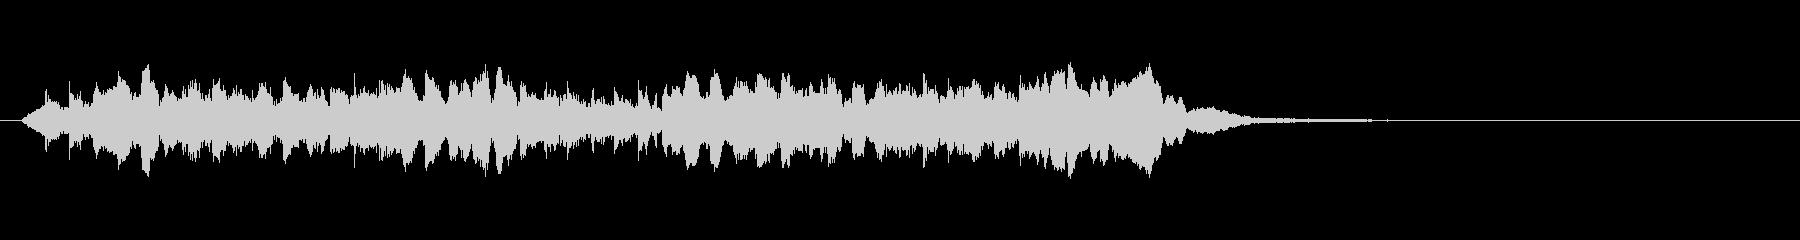 大人な雰囲気のある3拍子オシャレピアノの未再生の波形